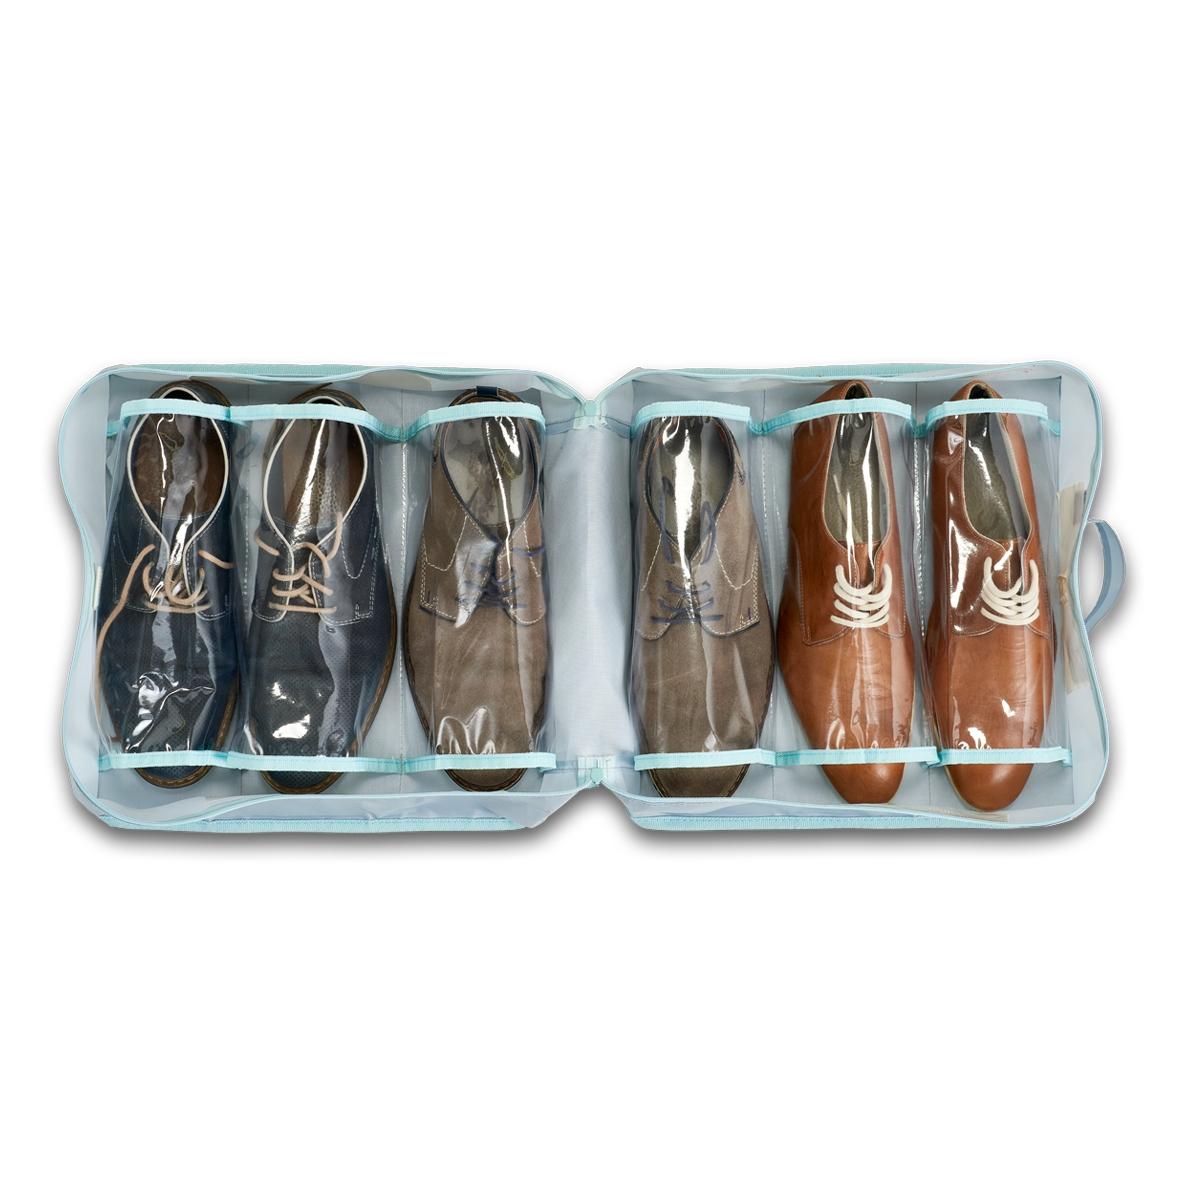 Organizator pantofi pentru bagaj de calatorie, Suitcase Gri Deschis, L36xl36xH17 cm